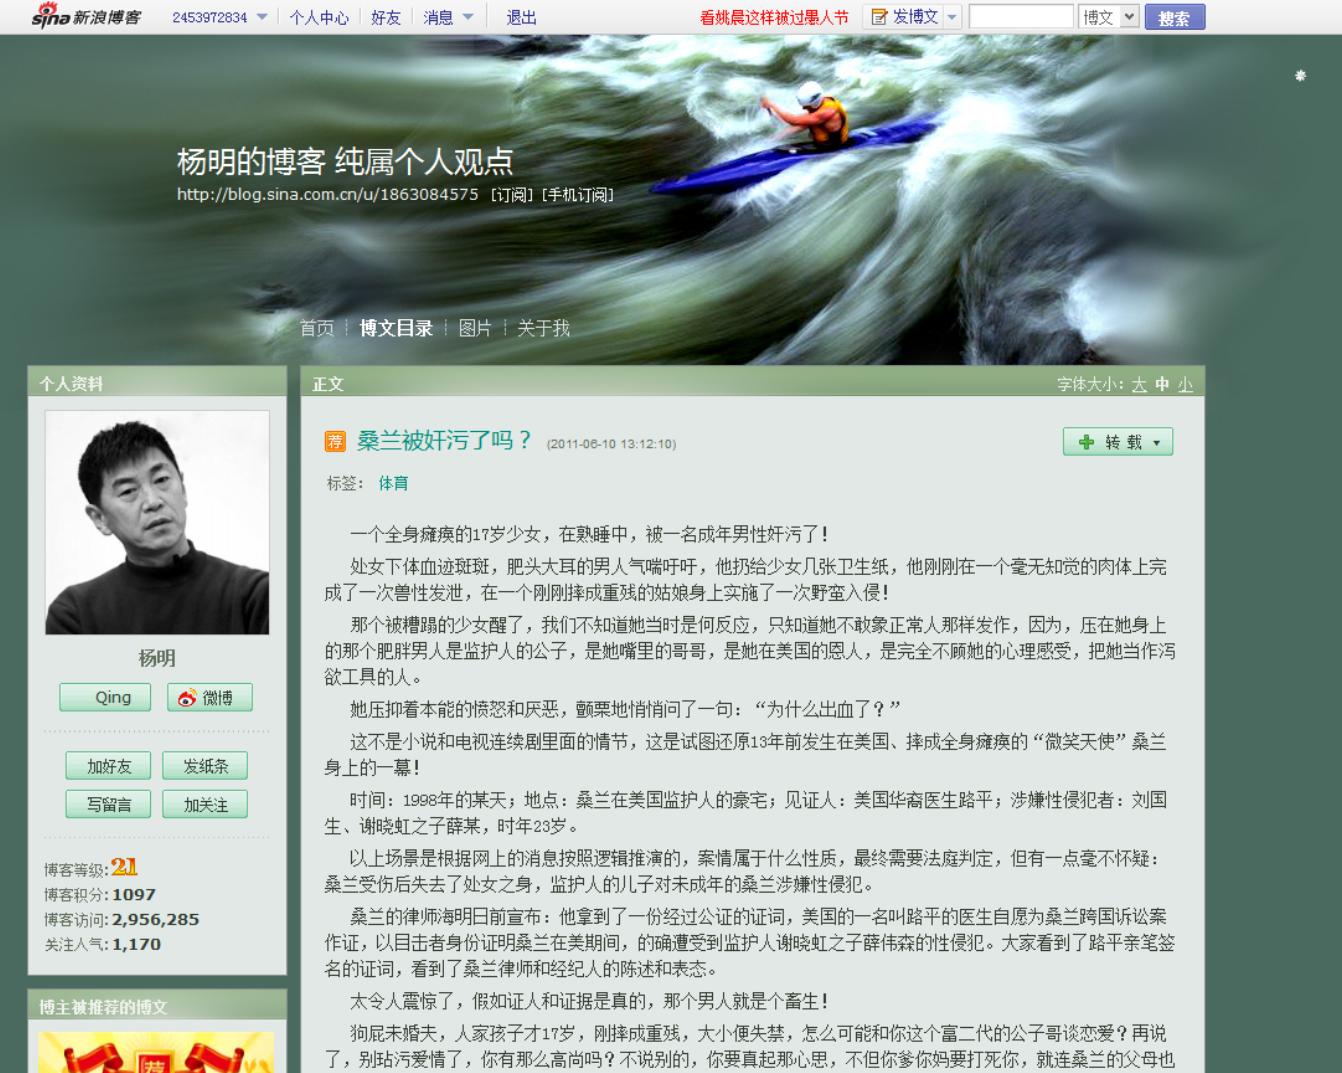 2011-06-10 杨明-2